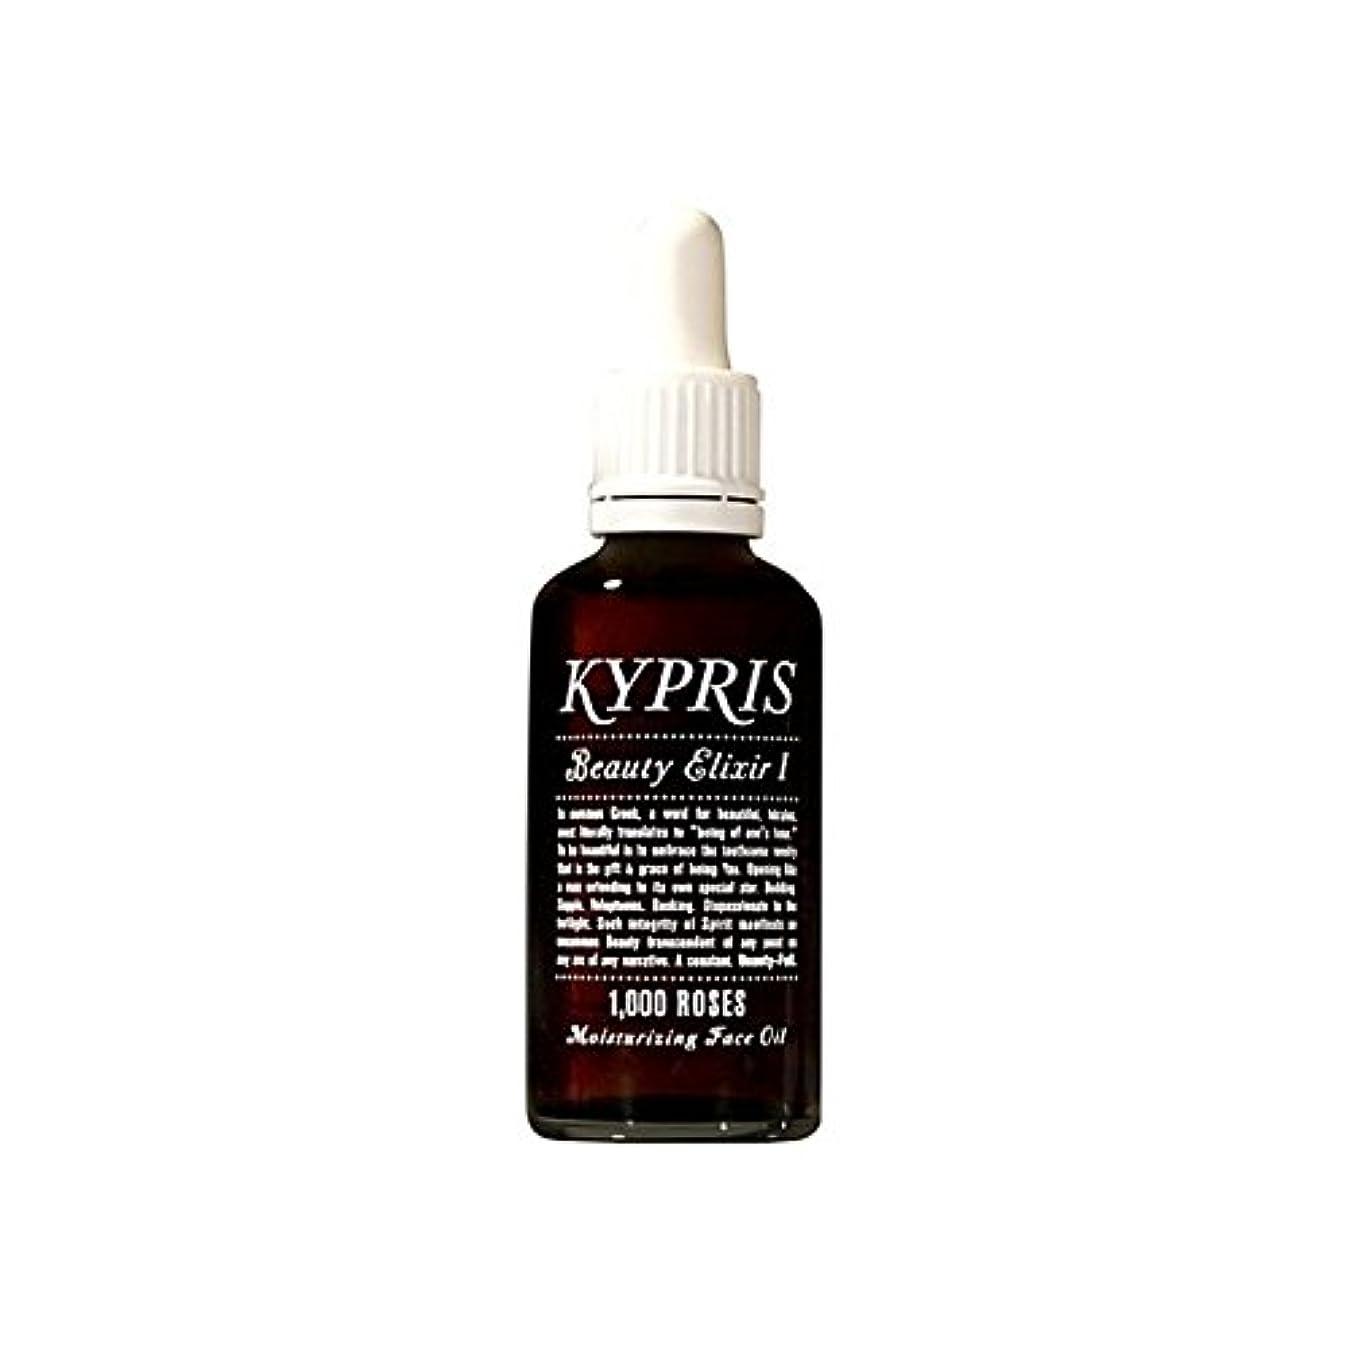 全体収益攻撃千本のバラの14ミリリットル - 美容エリキシル私は x4 - Kypris Beauty Elixir I - 1,000 Roses 14Ml (Pack of 4) [並行輸入品]